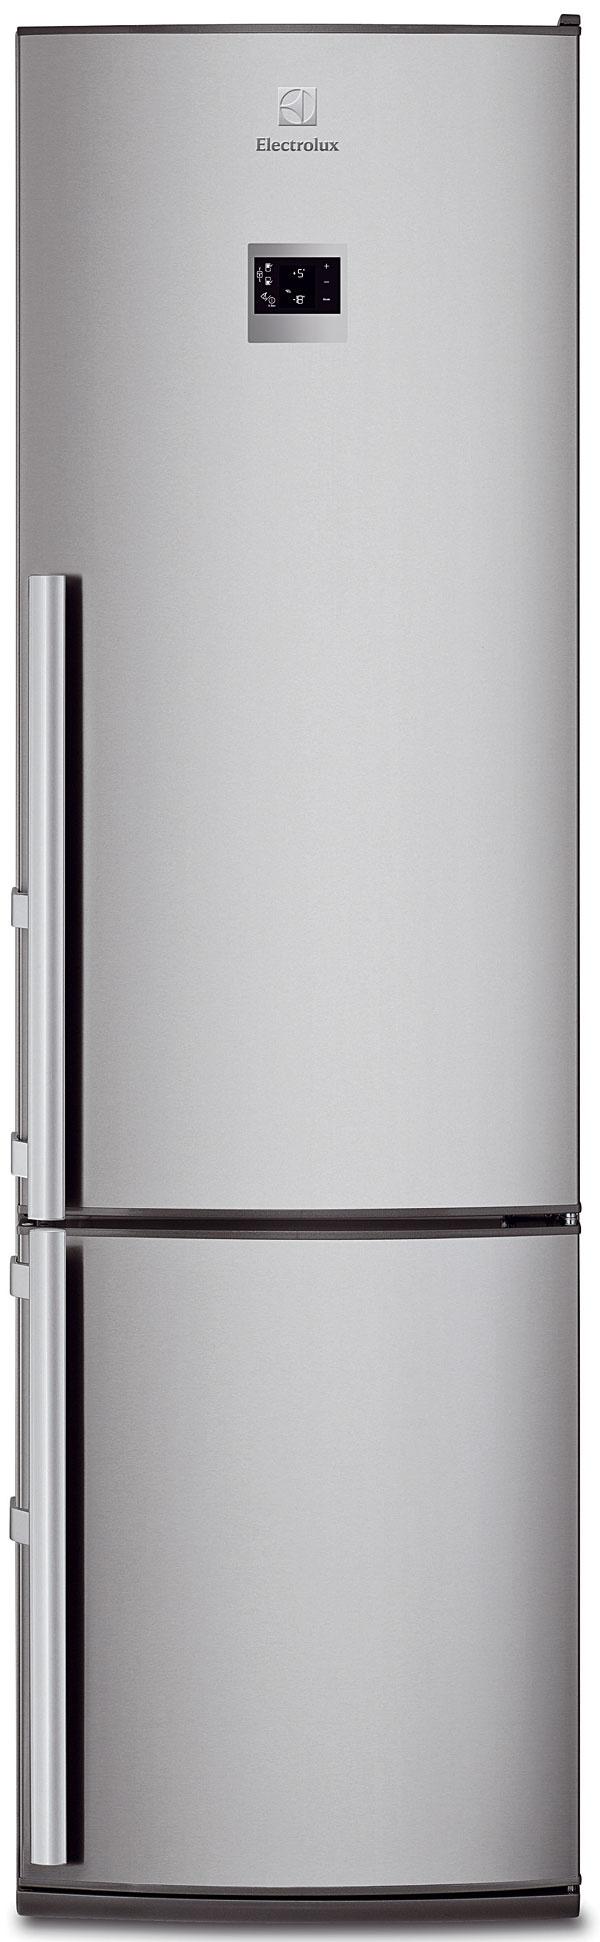 Electrolux EN3887AOX, energetická trieda A++, spotreba 246,1 kWh/rok, objem 280/78 l, FrostFree, TwinTech sfunkciou MultiFlow – optimálna vlhkosť, hlučnosť 42 dB, filter TasteGuard, 59,5 × 201,9 cm, 1 049 €